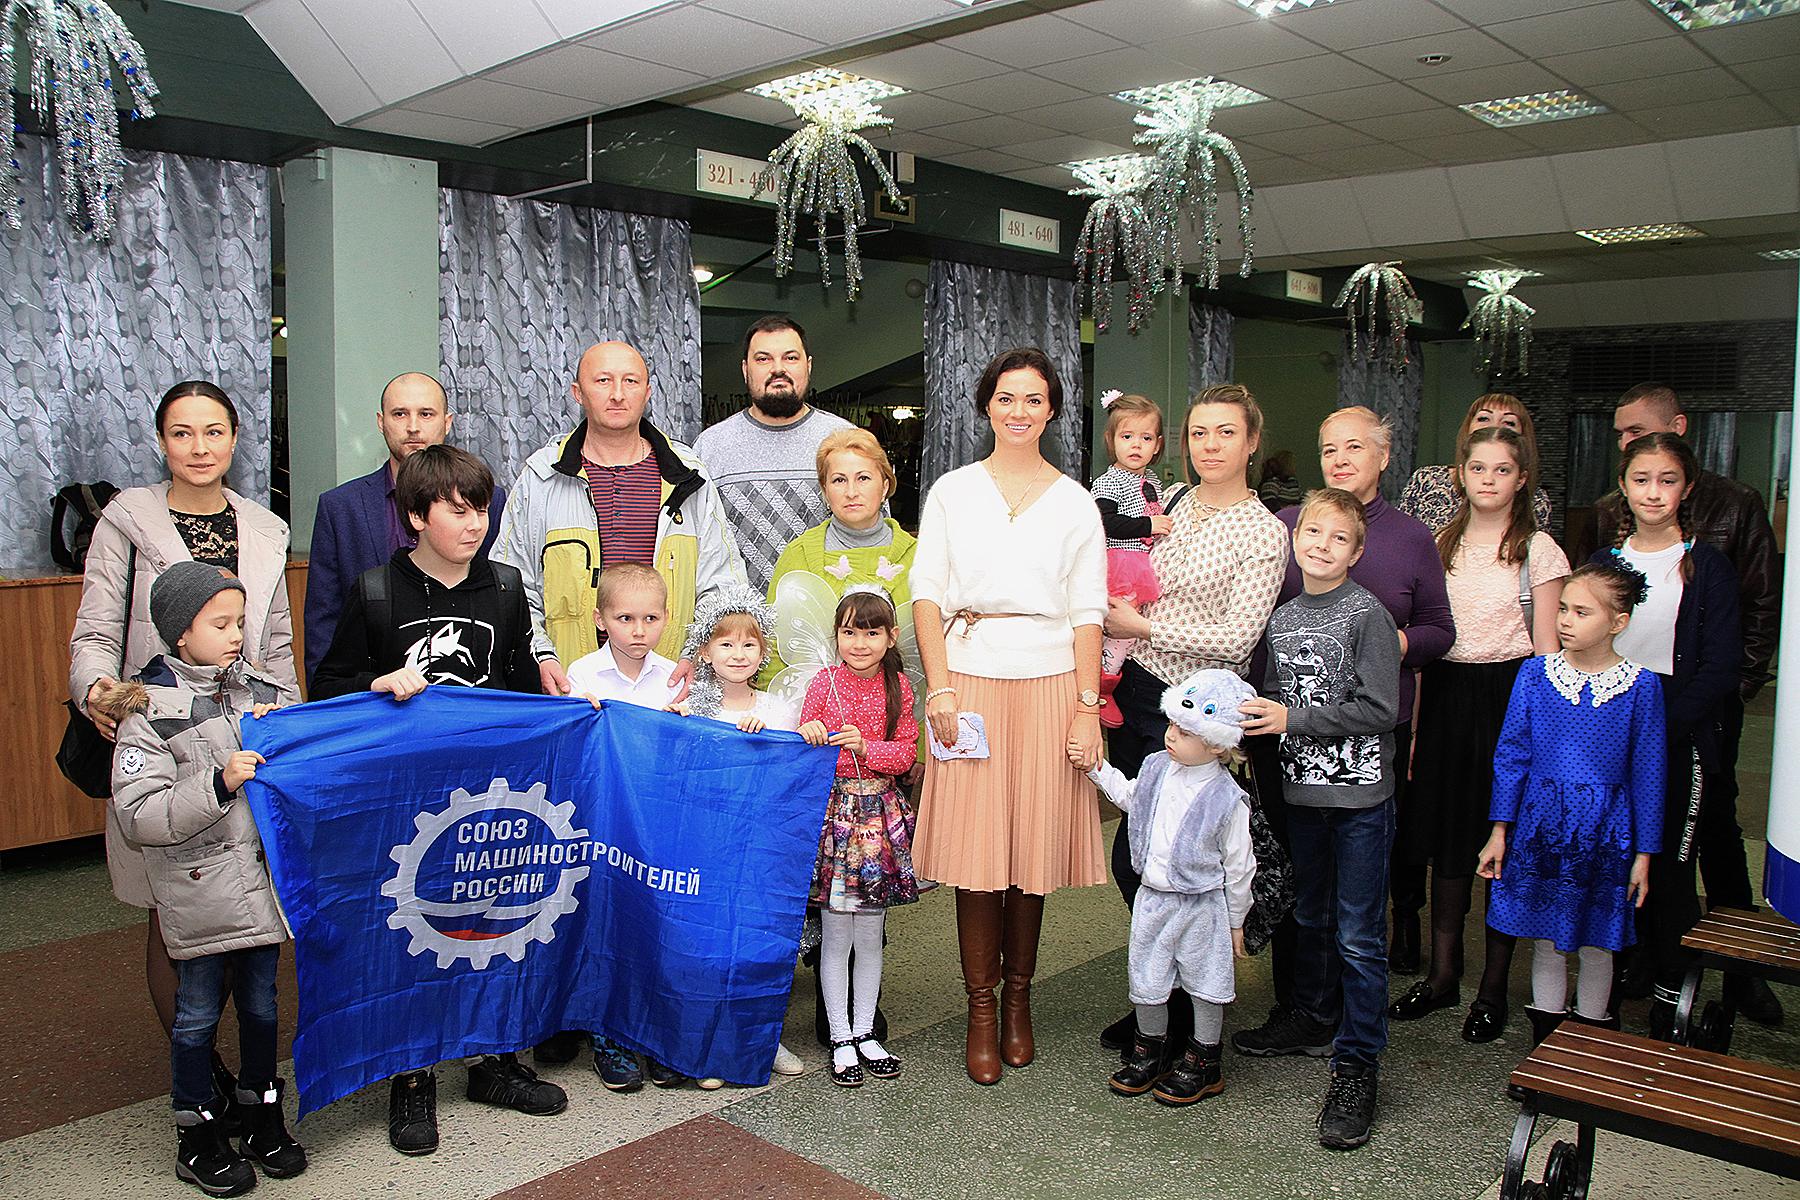 Несколько десятков детей из многодетных семей посетили Новогоднее представление в ДК «НЭВЗ»